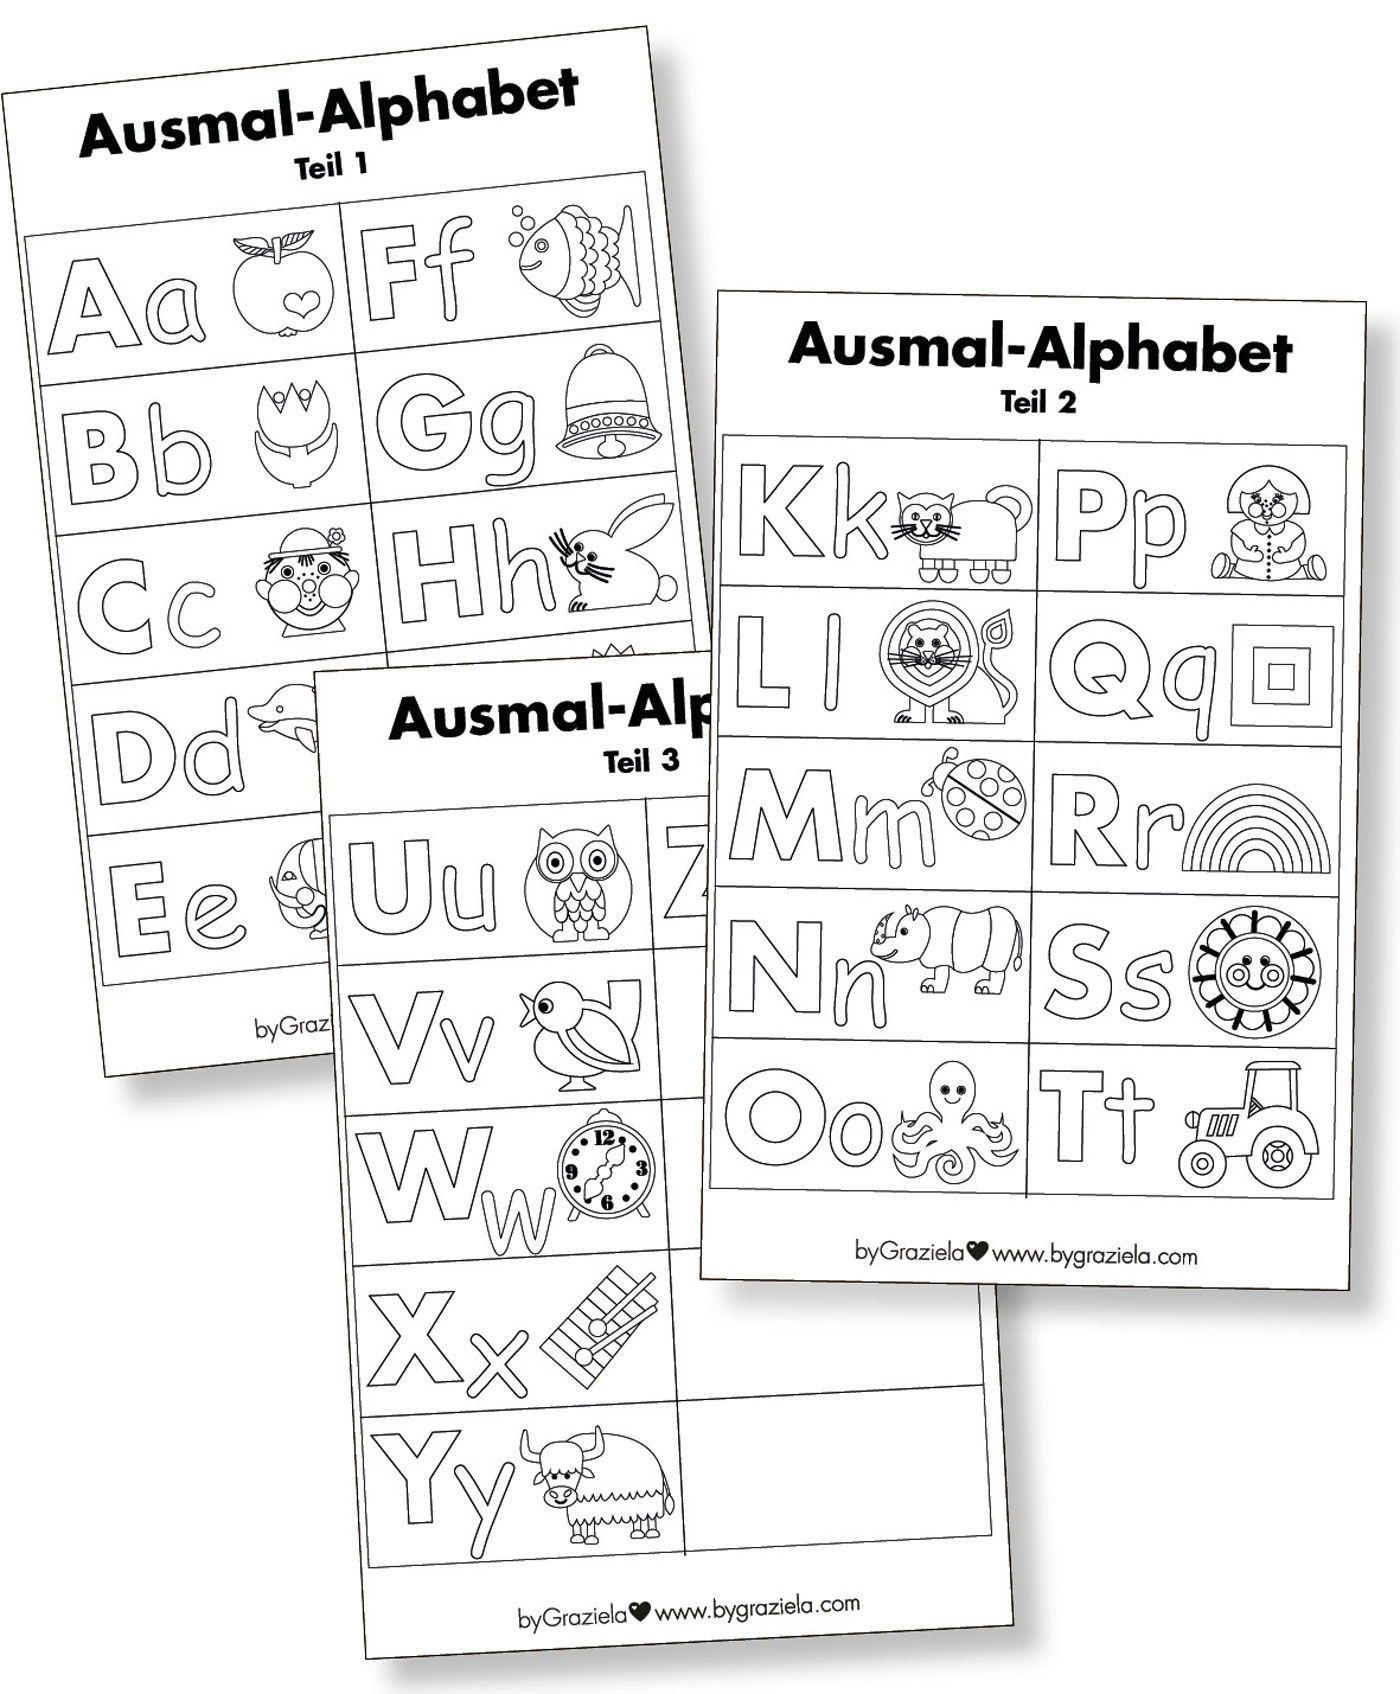 Freebie Alphabet Ausmal Vorlage Alphabetvorlagen Alphabet Vorlagen